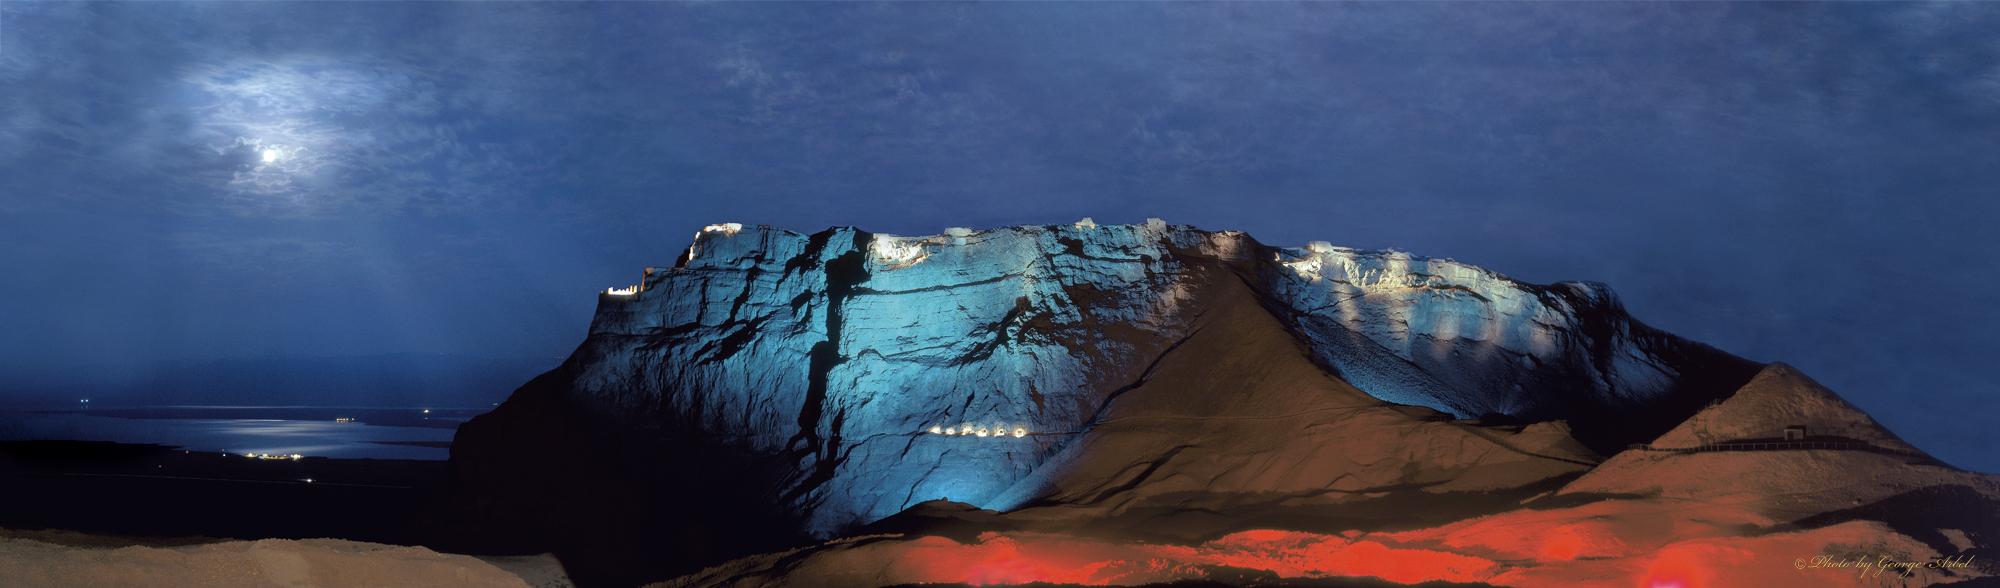 008 Massada Light Show